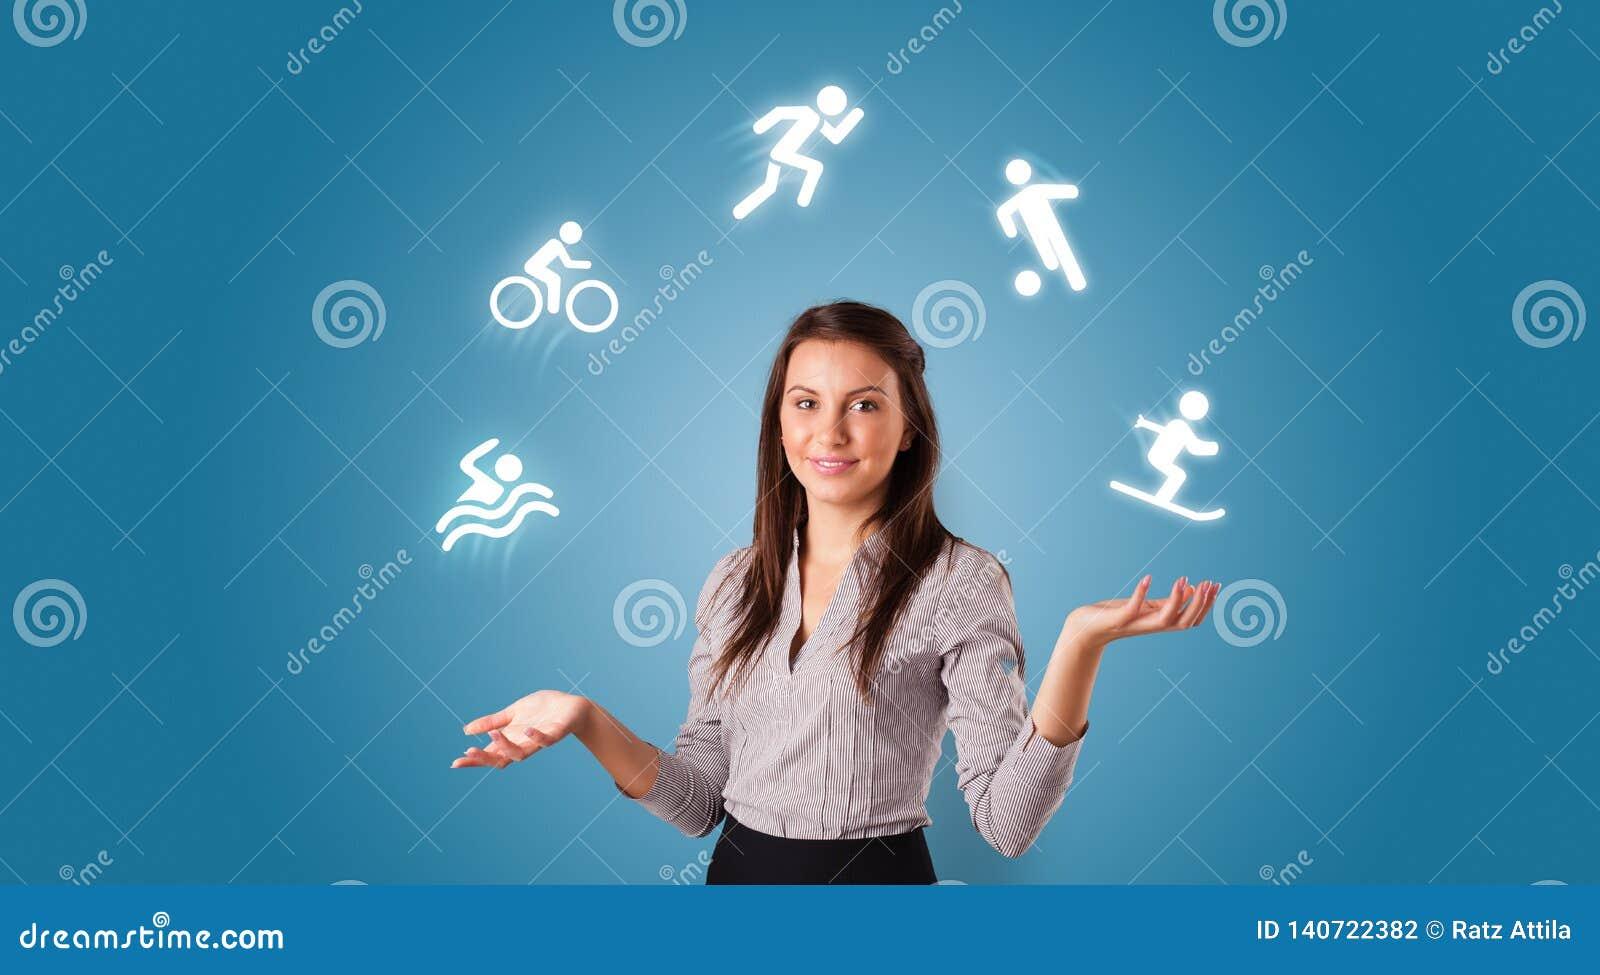 De persoon jongleert met met hobbysconcept